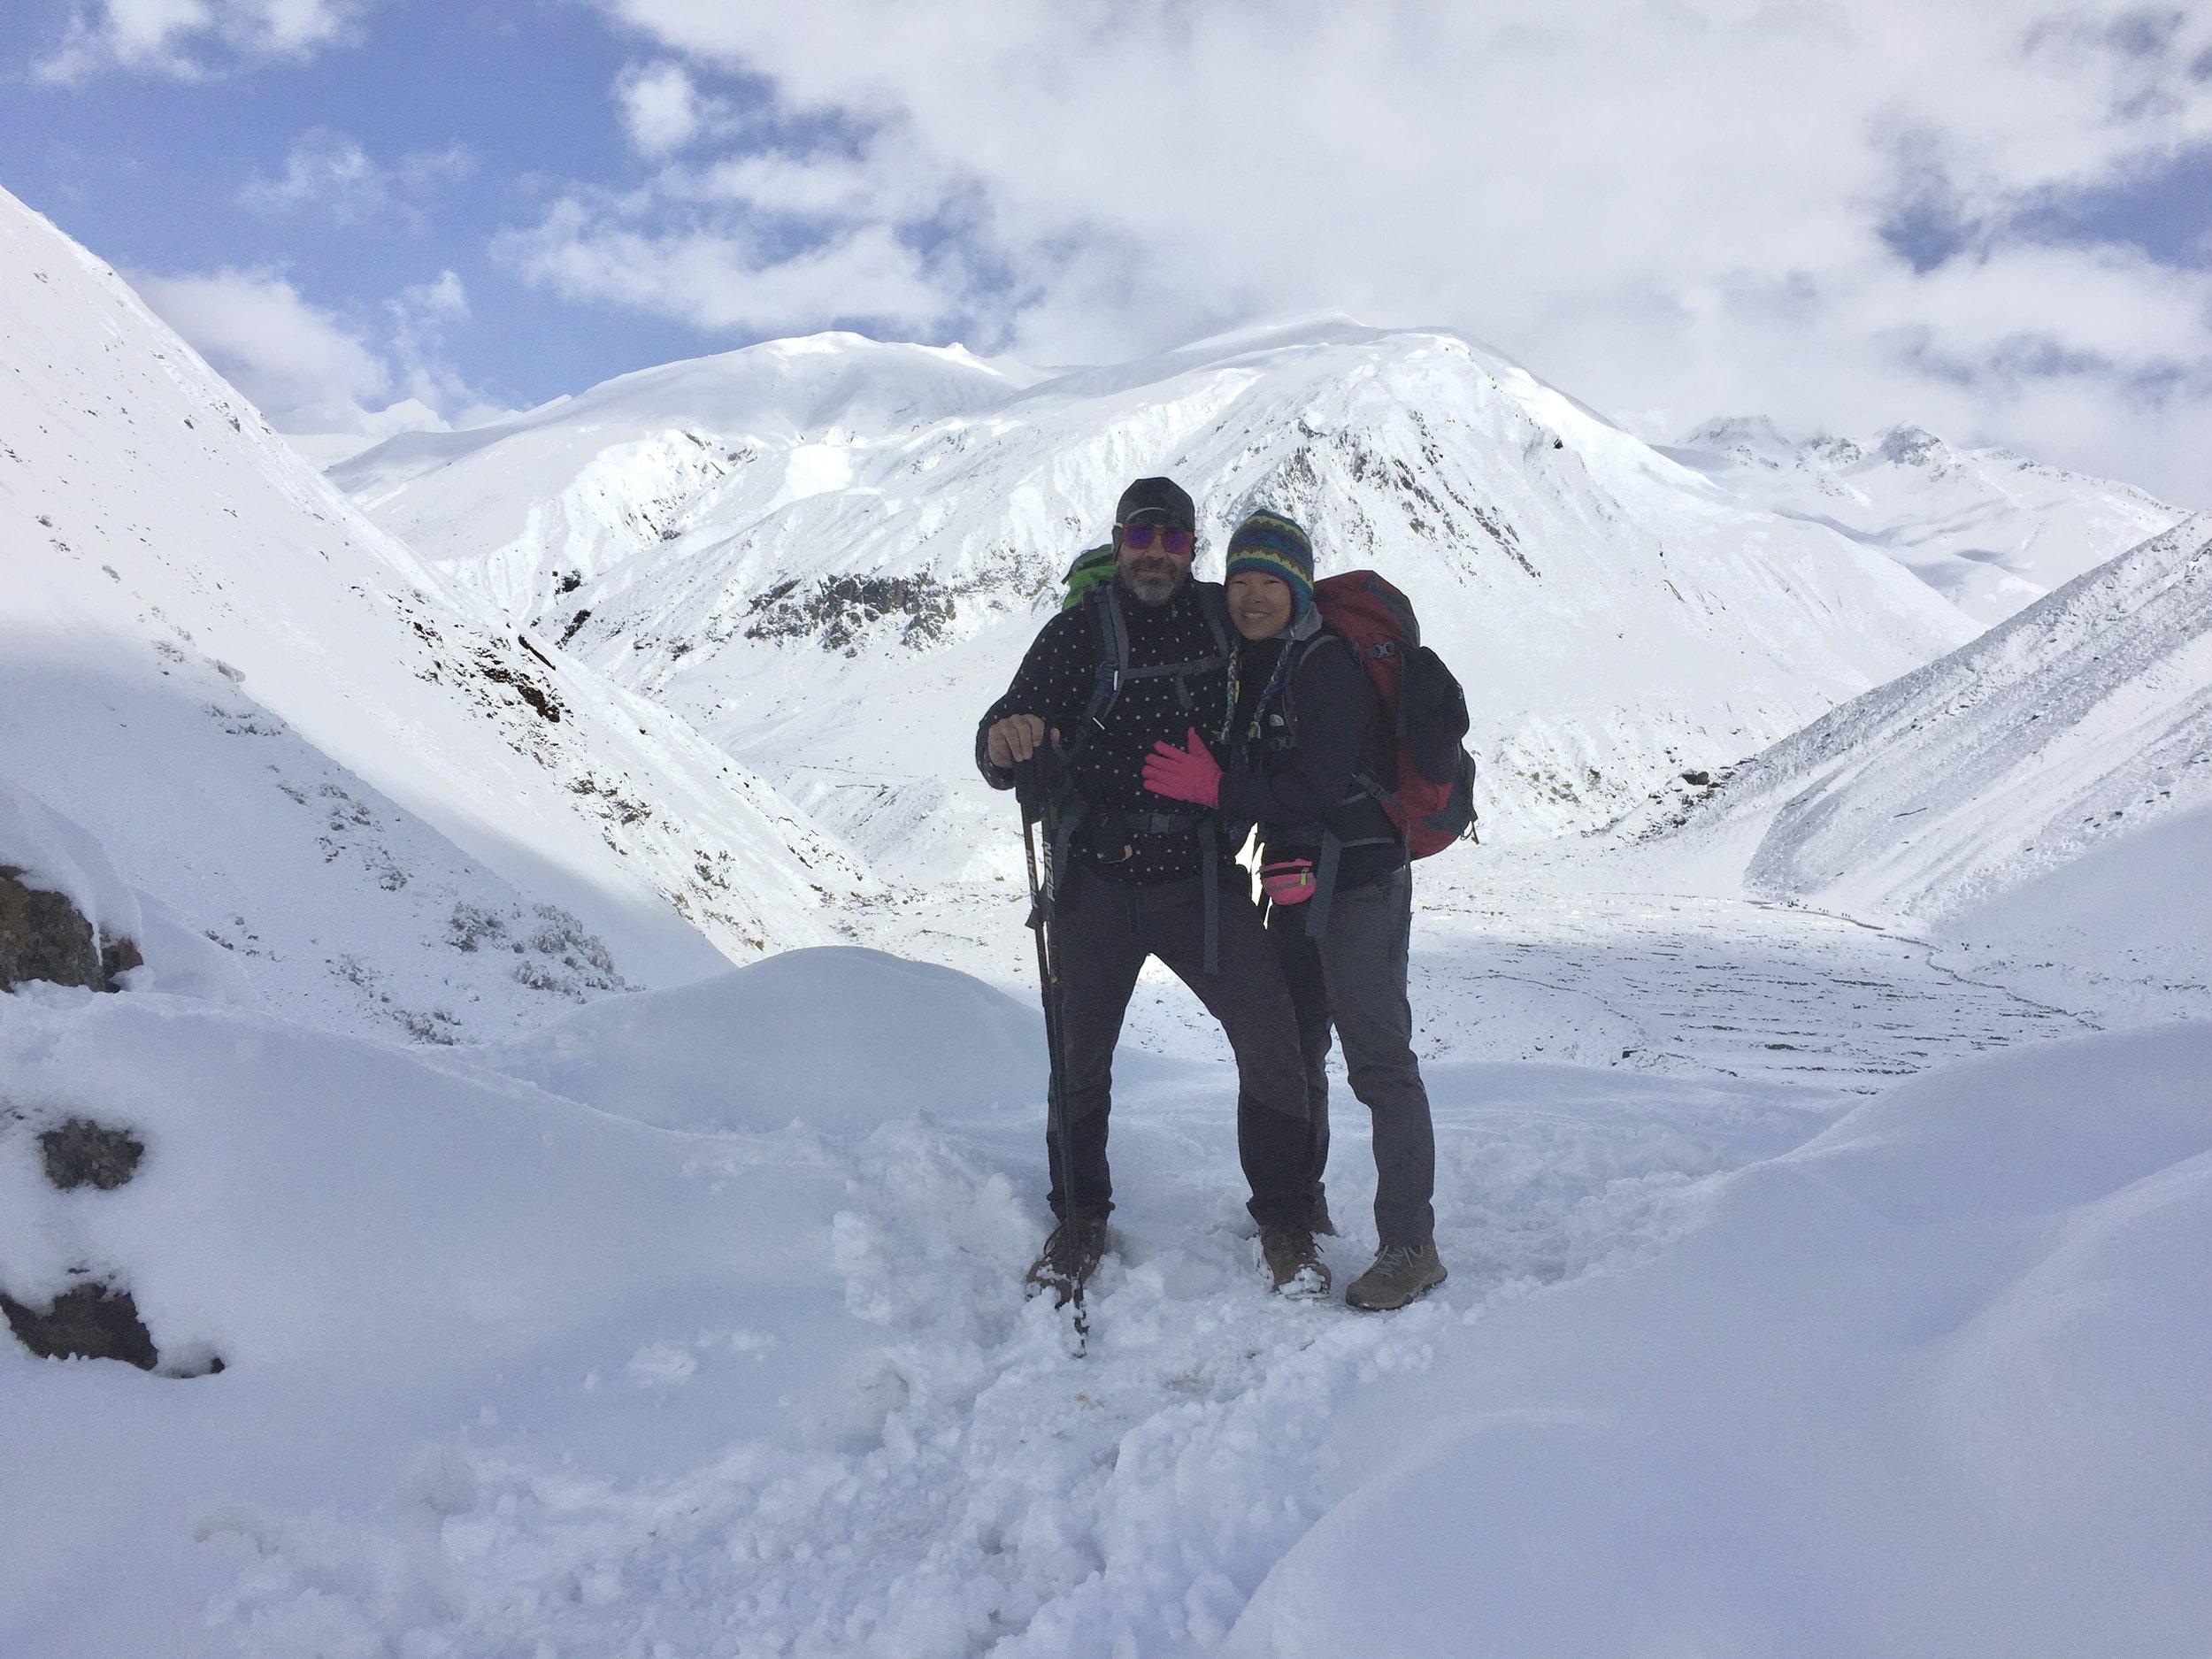 Tuyết rơi quá dày không thể đi tiếp đến Dharamsala